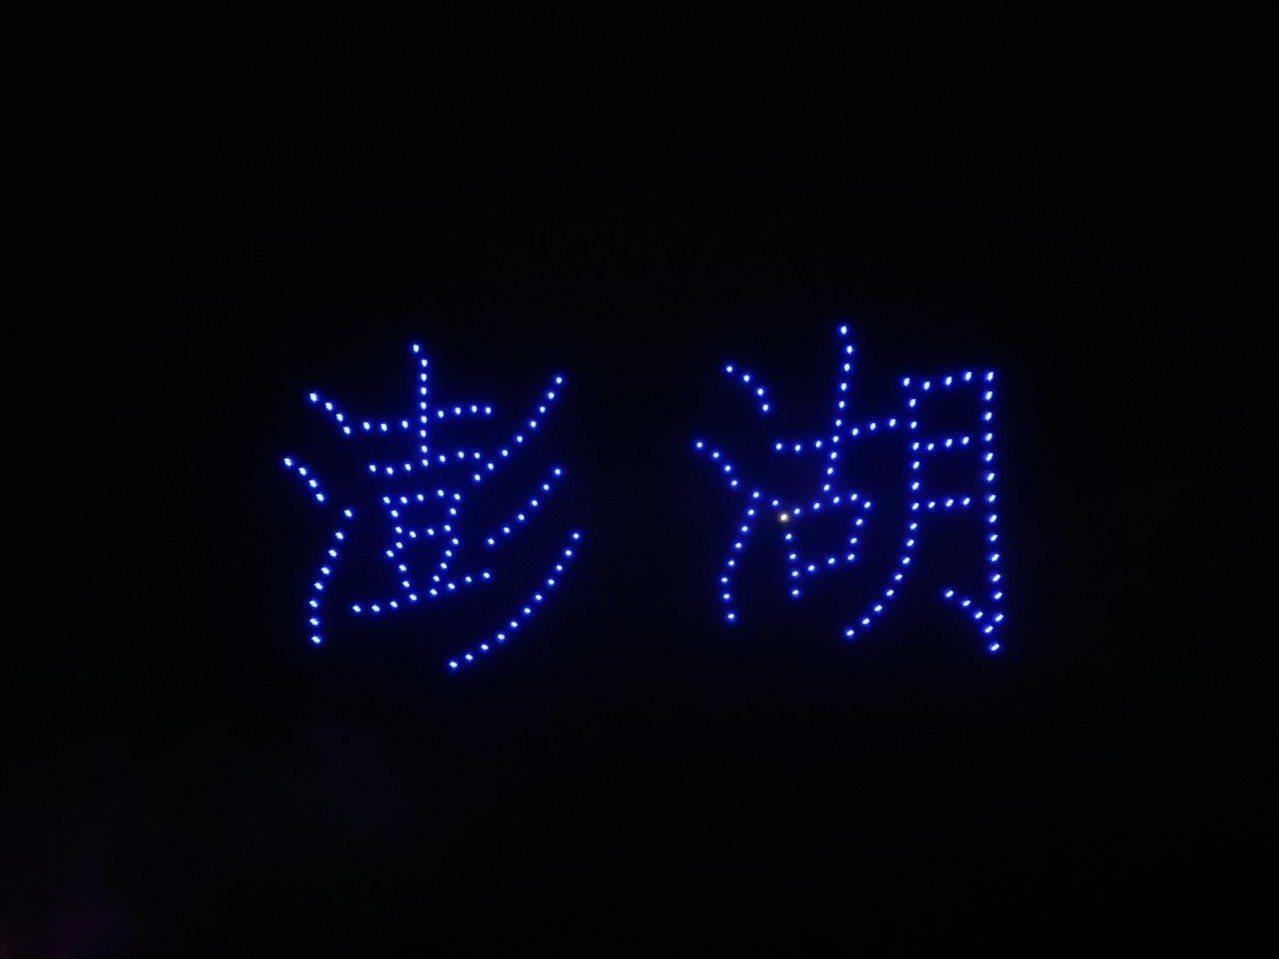 「澎湖國際海上花火節」今晚盛大開幕,9點起15分鐘煙火秀搭配200架無人機科技燈...